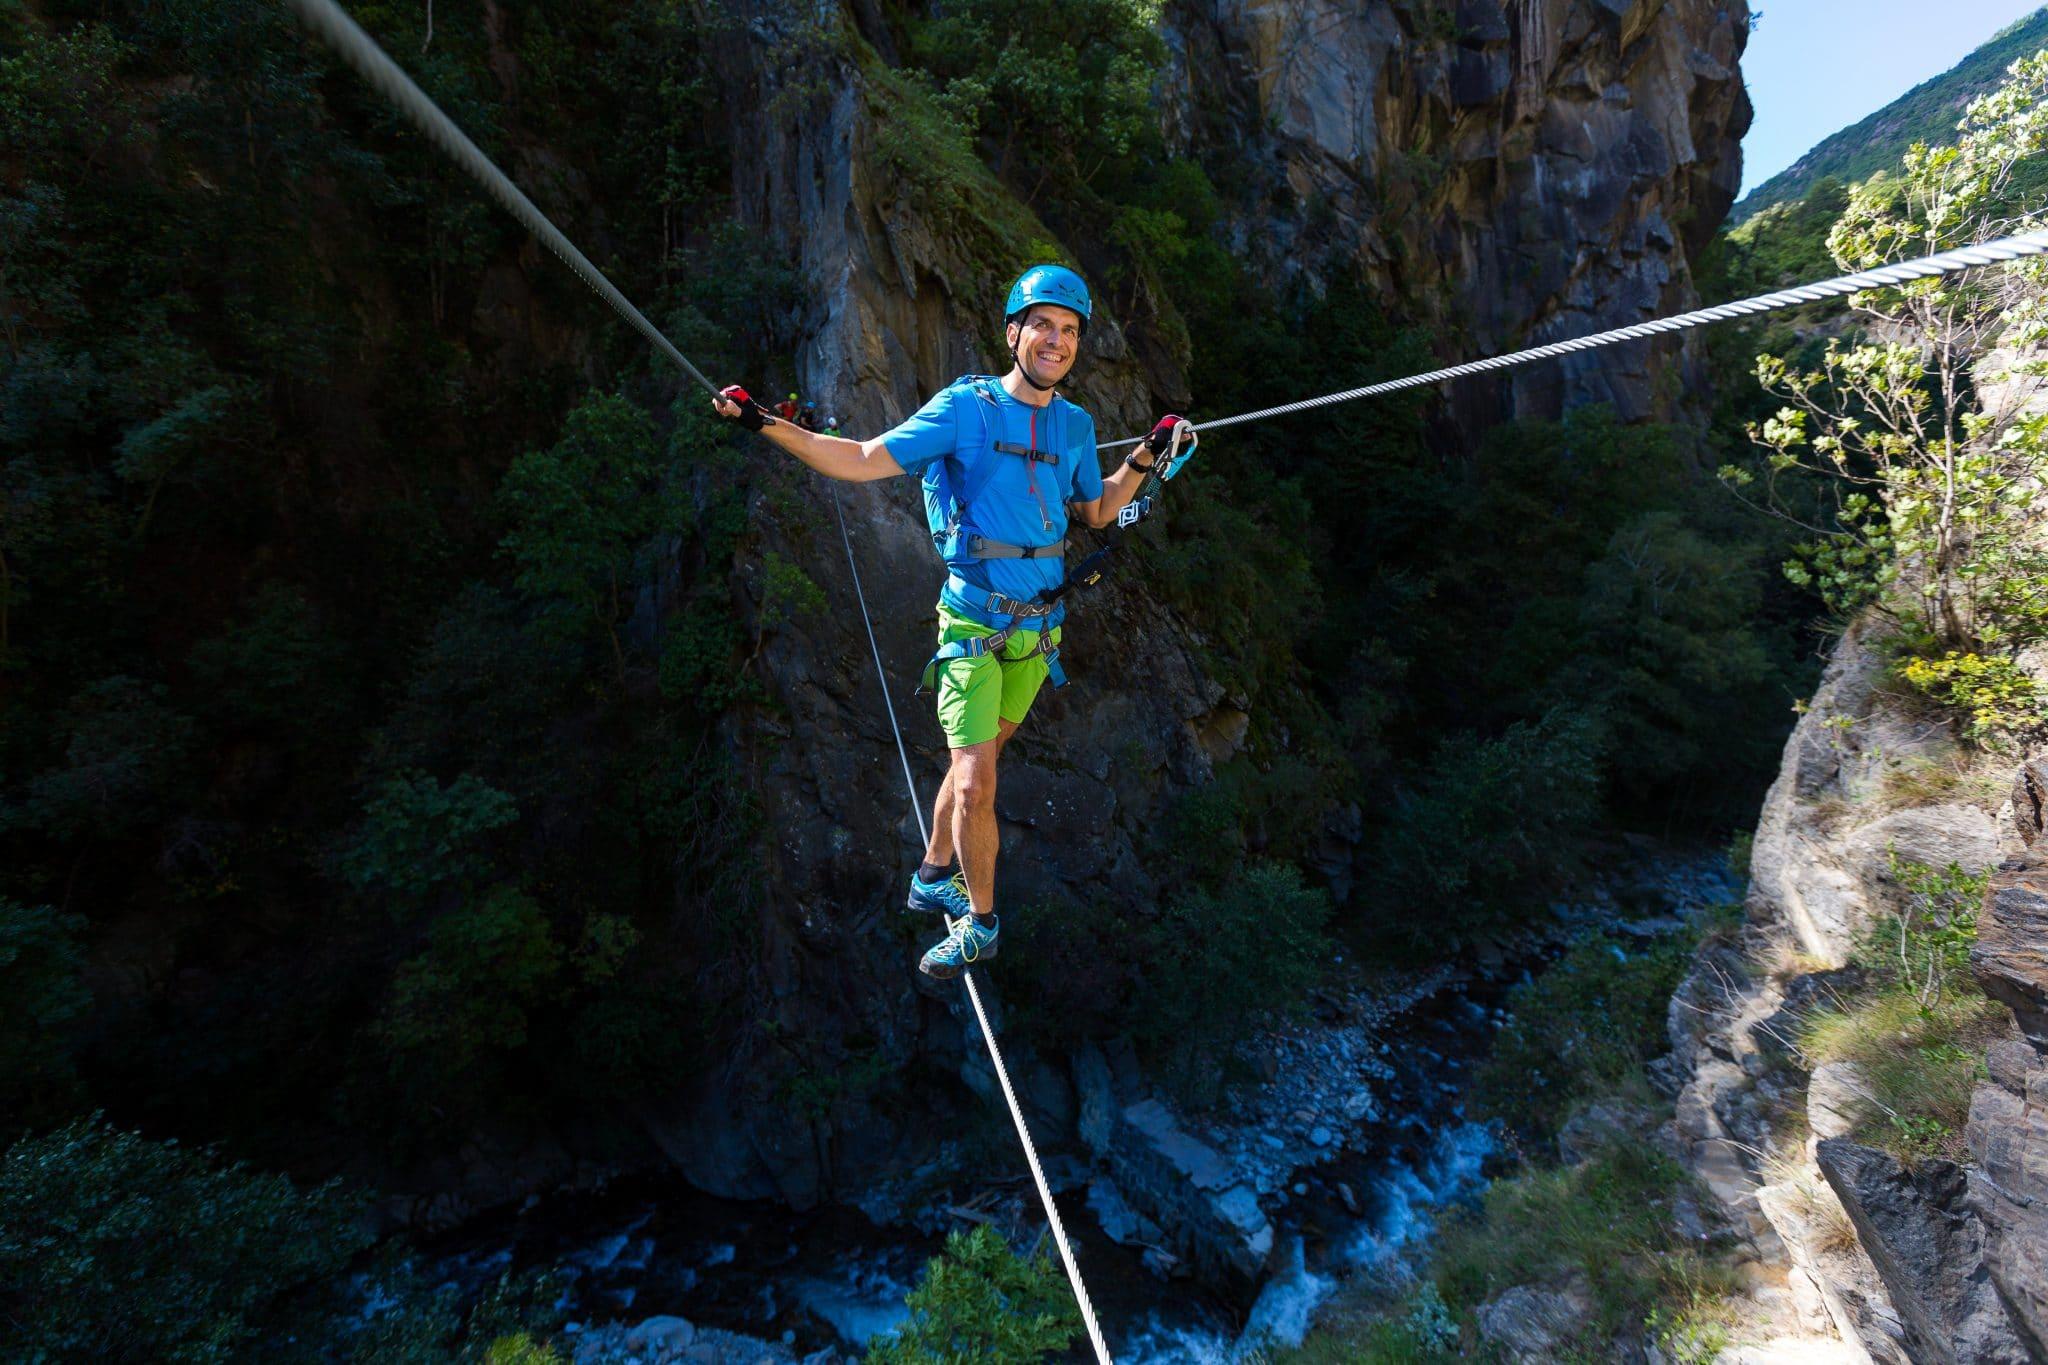 Klettersteig Naturns Knott : Ein klettersteig der es in sich hat dolcevita resort lindenhof****s